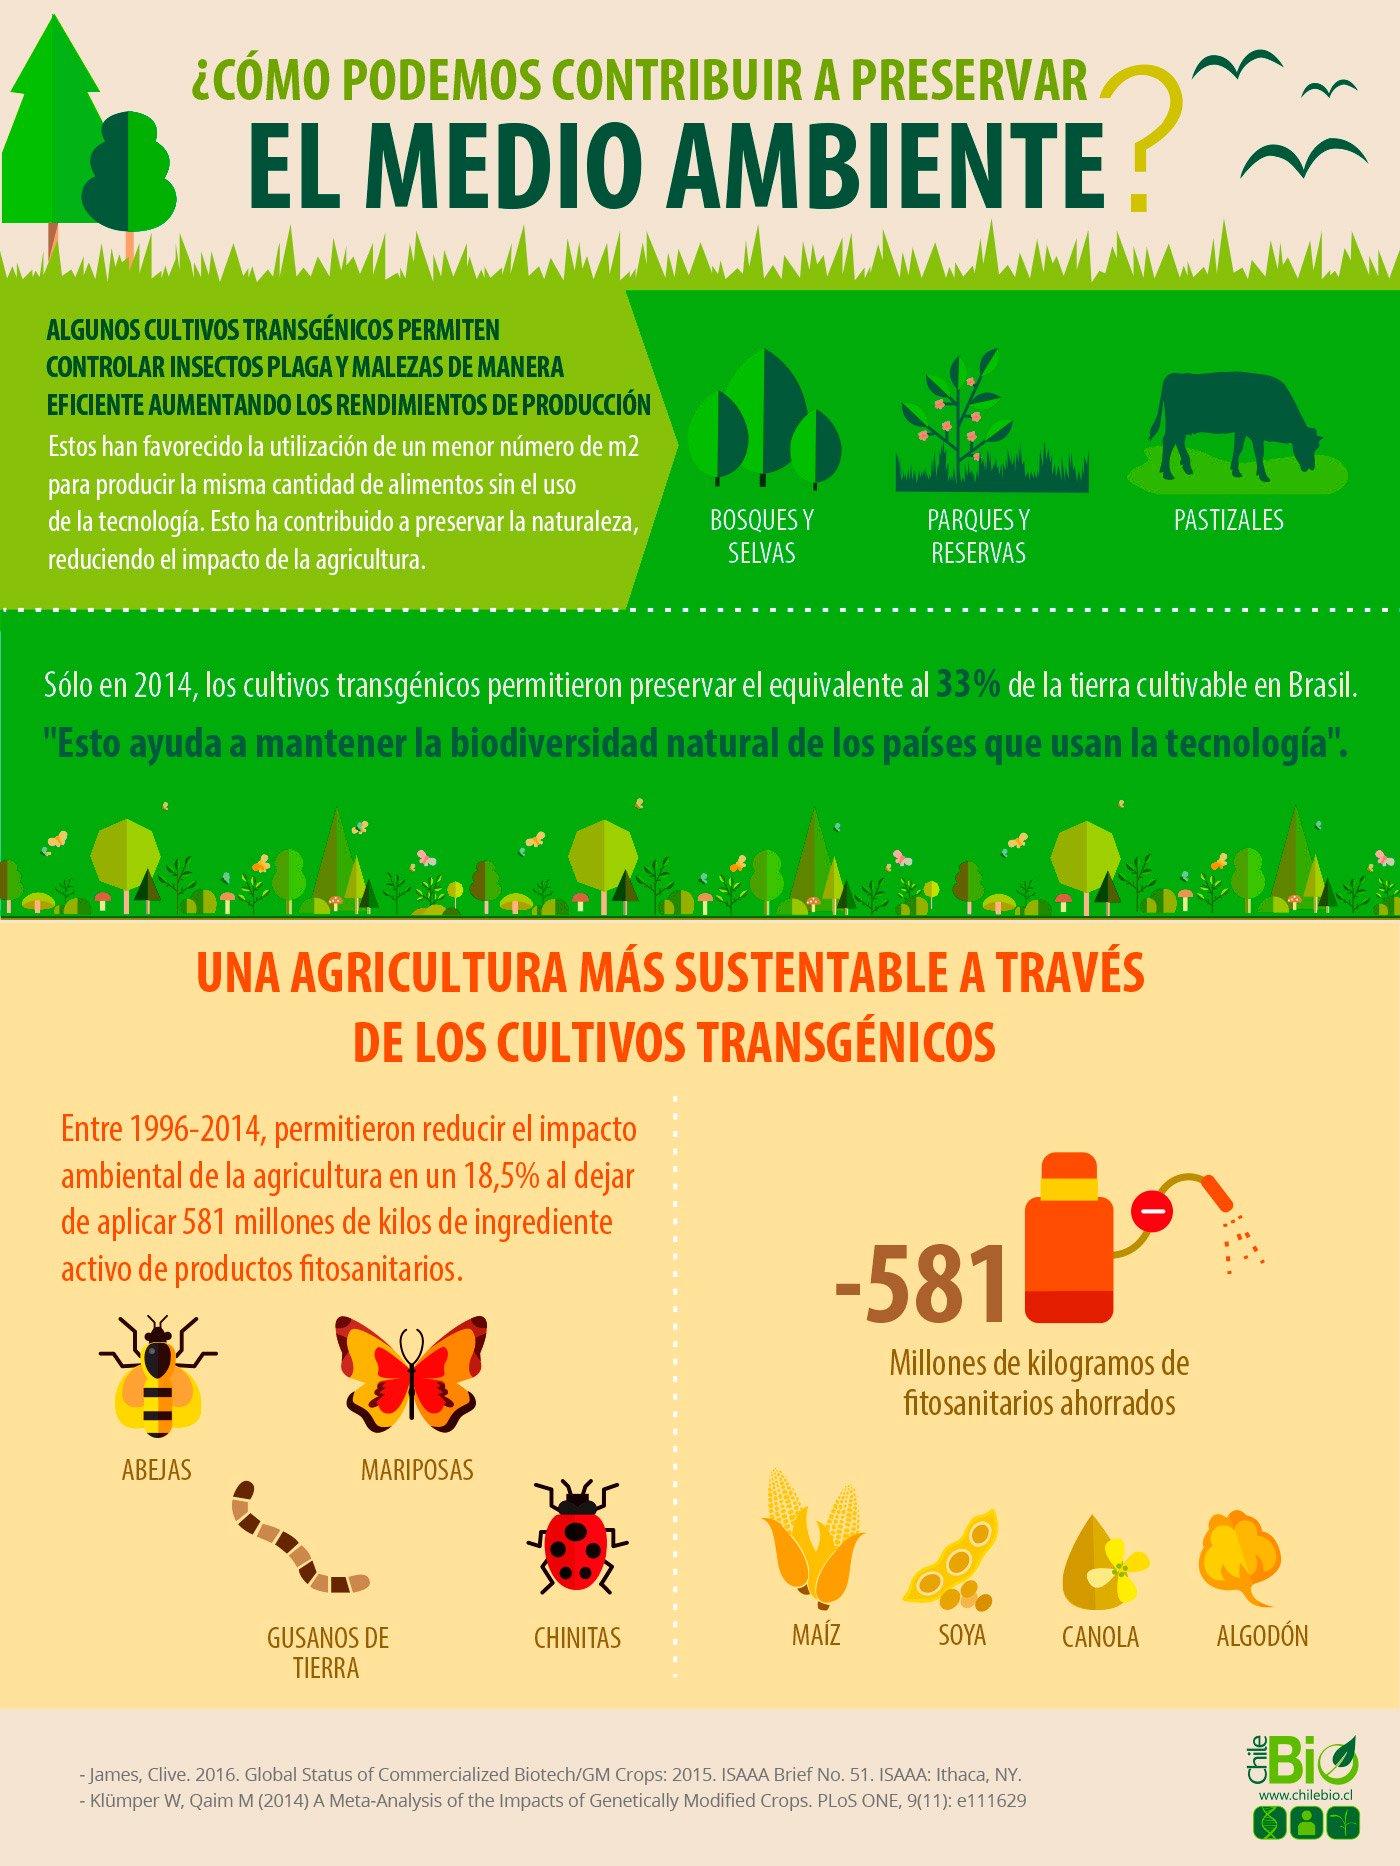 infografia-chilebio-medioambiente